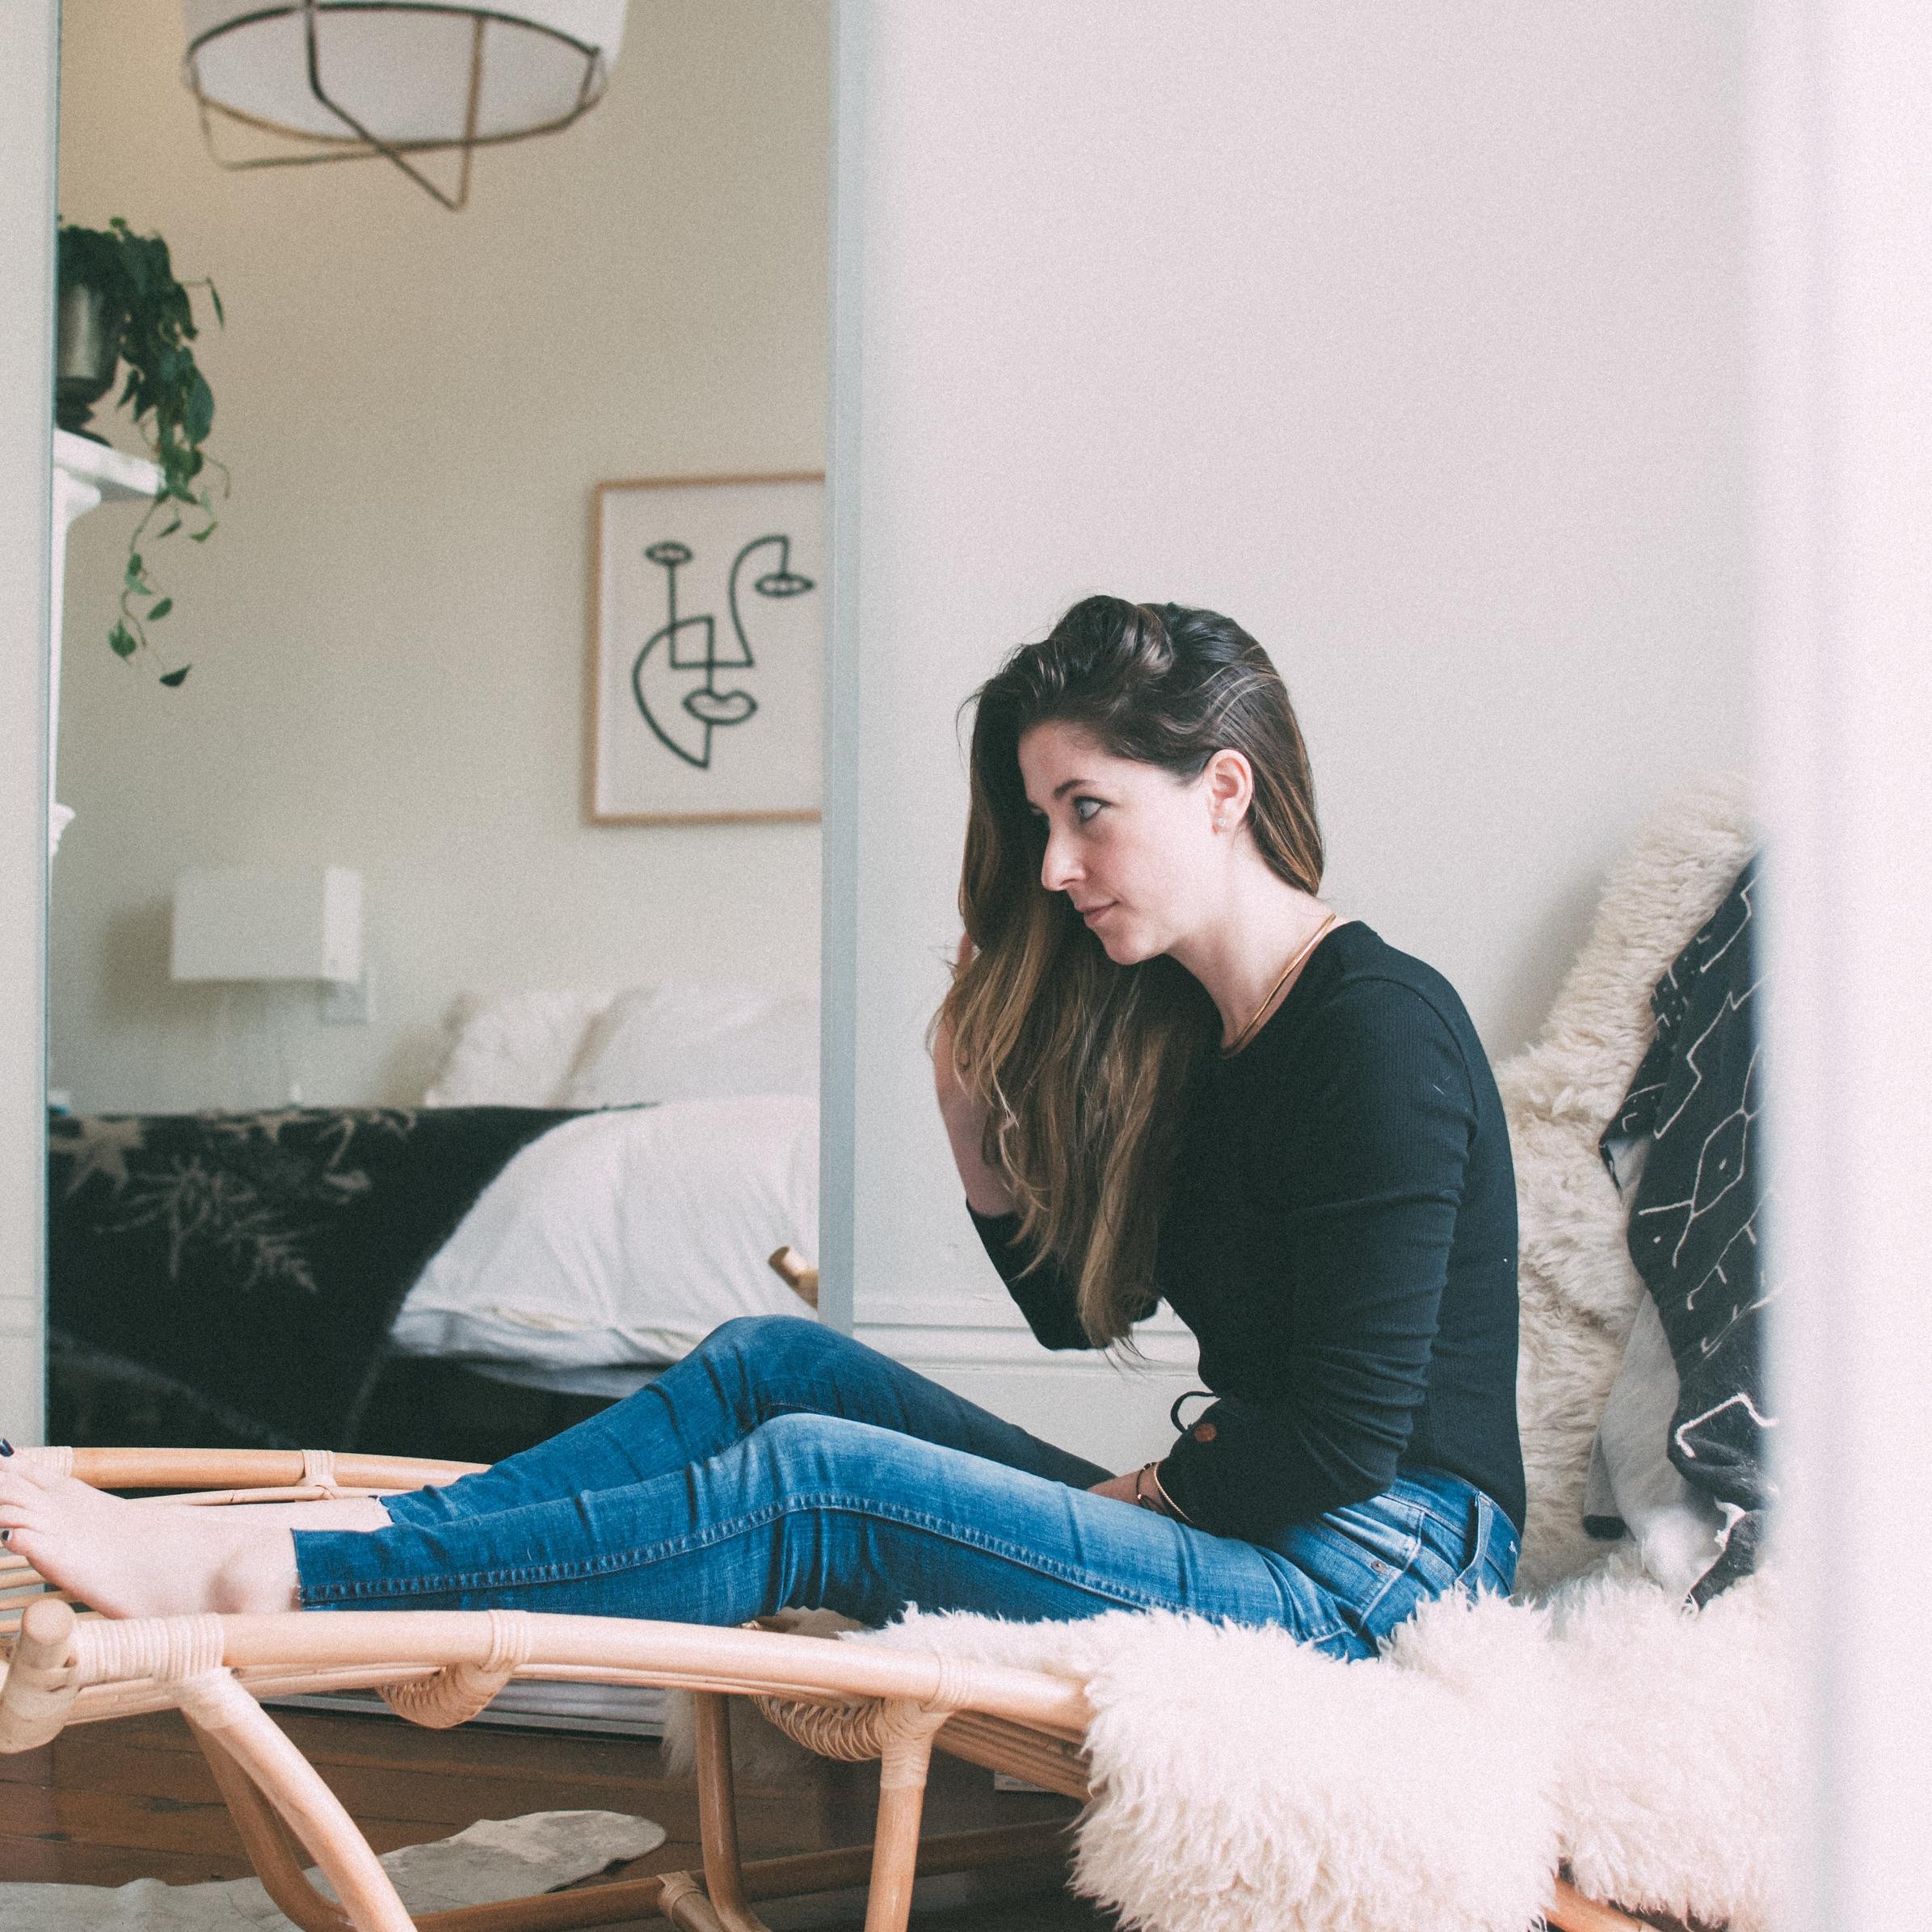 Femme Next Door - .001 Amy Foster Neill